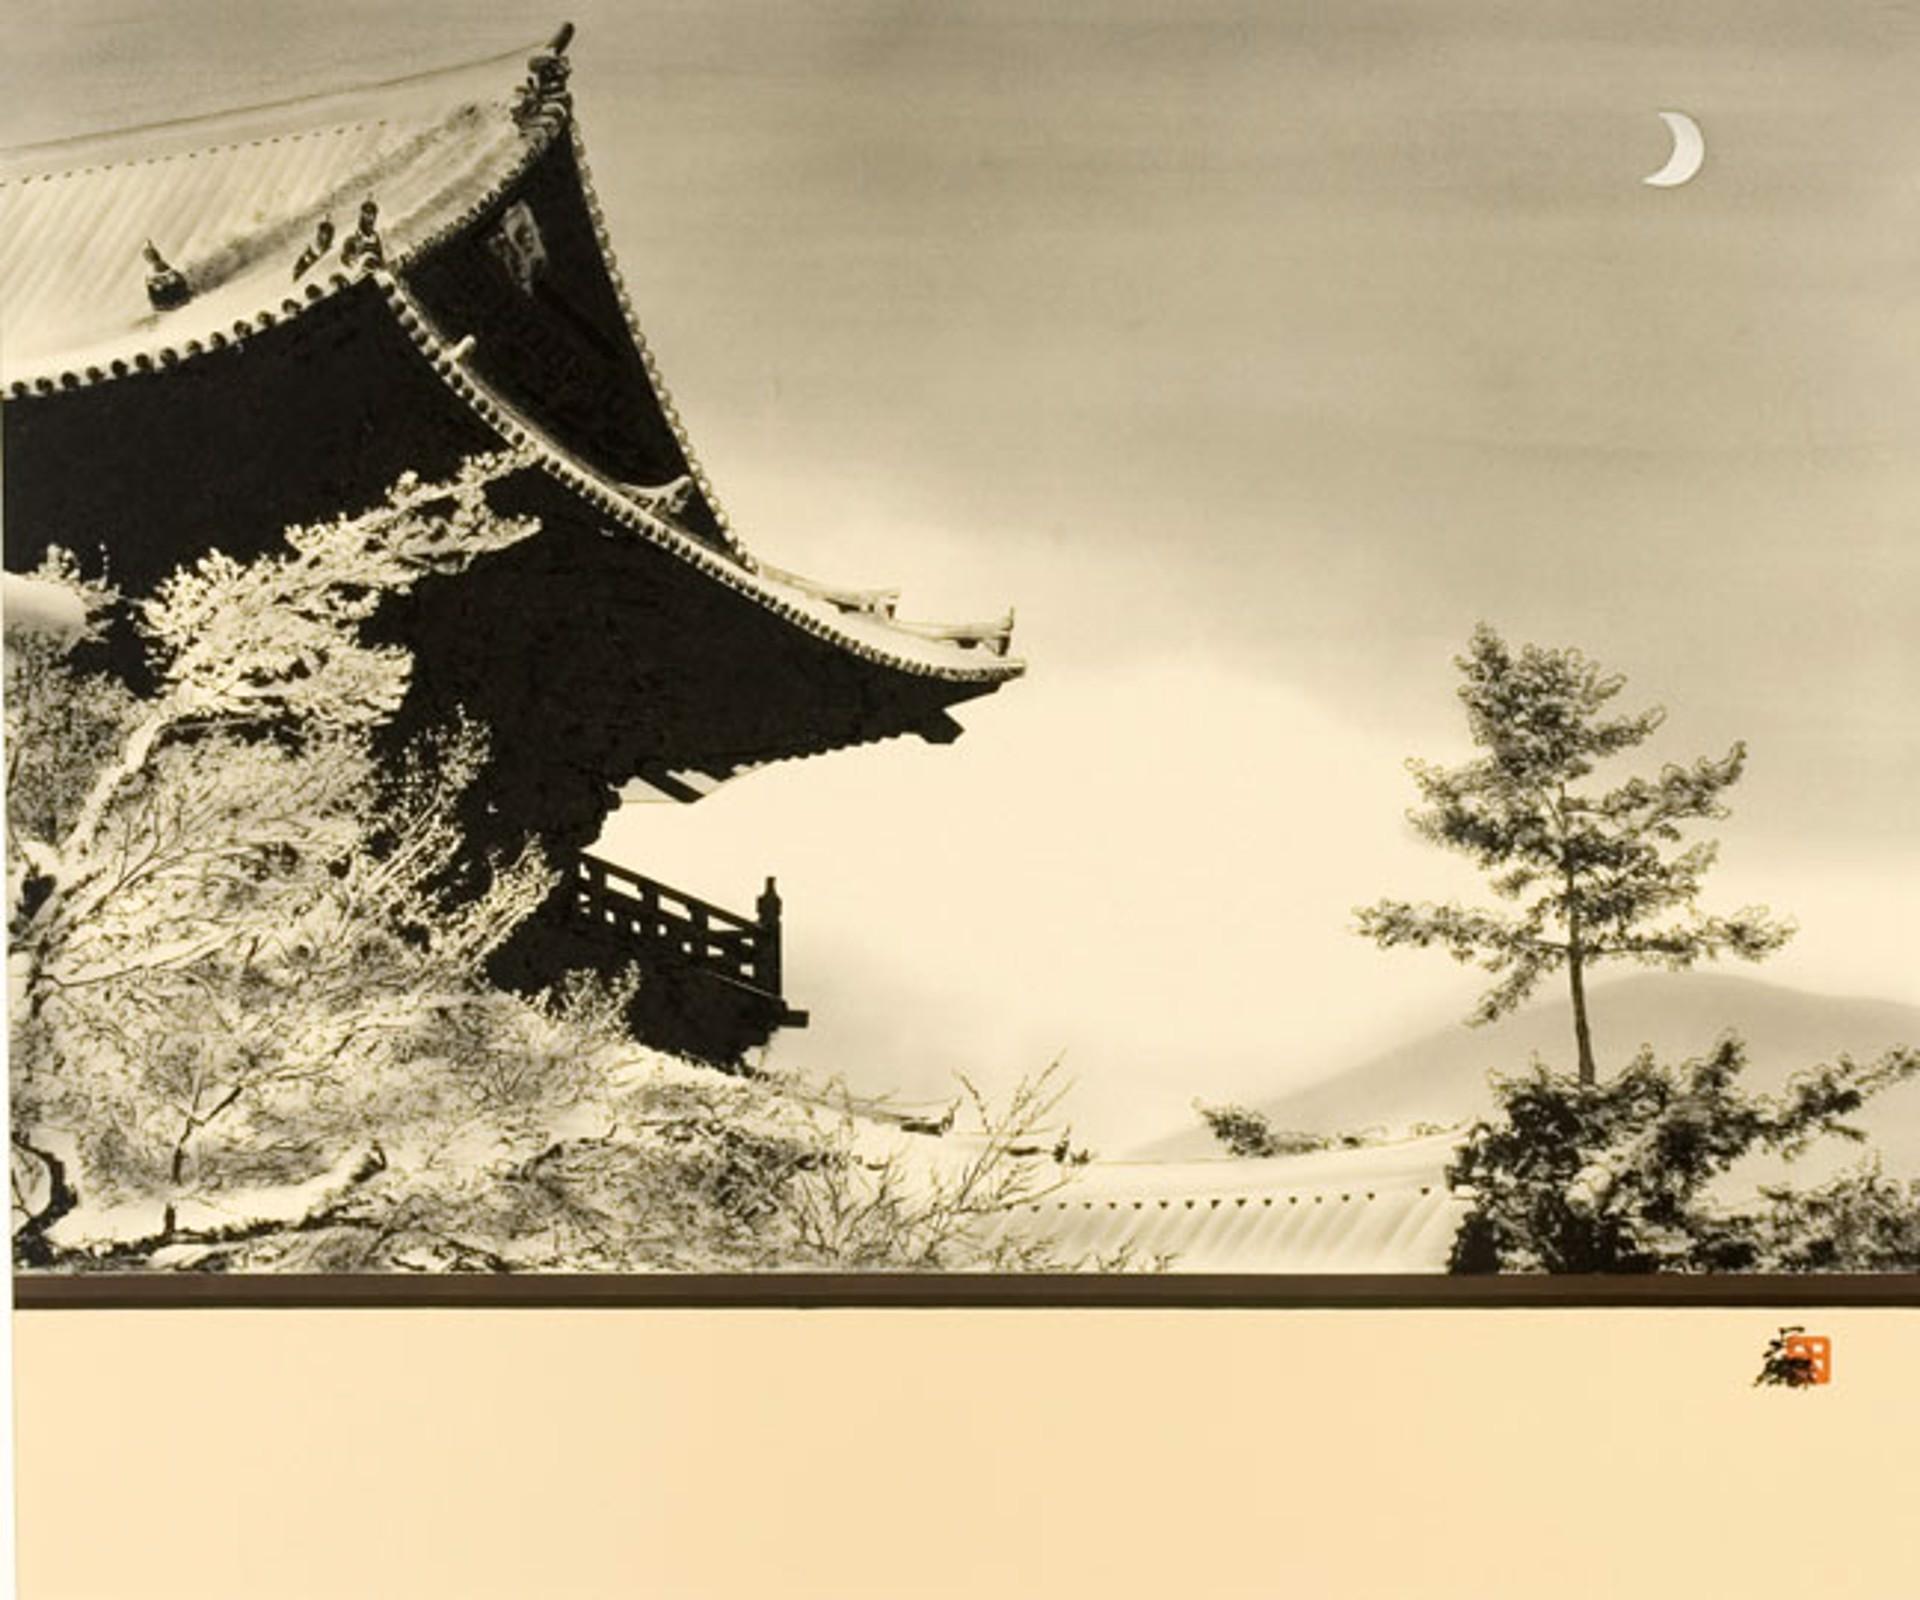 Crescent Moon by Hisashi Otsuka